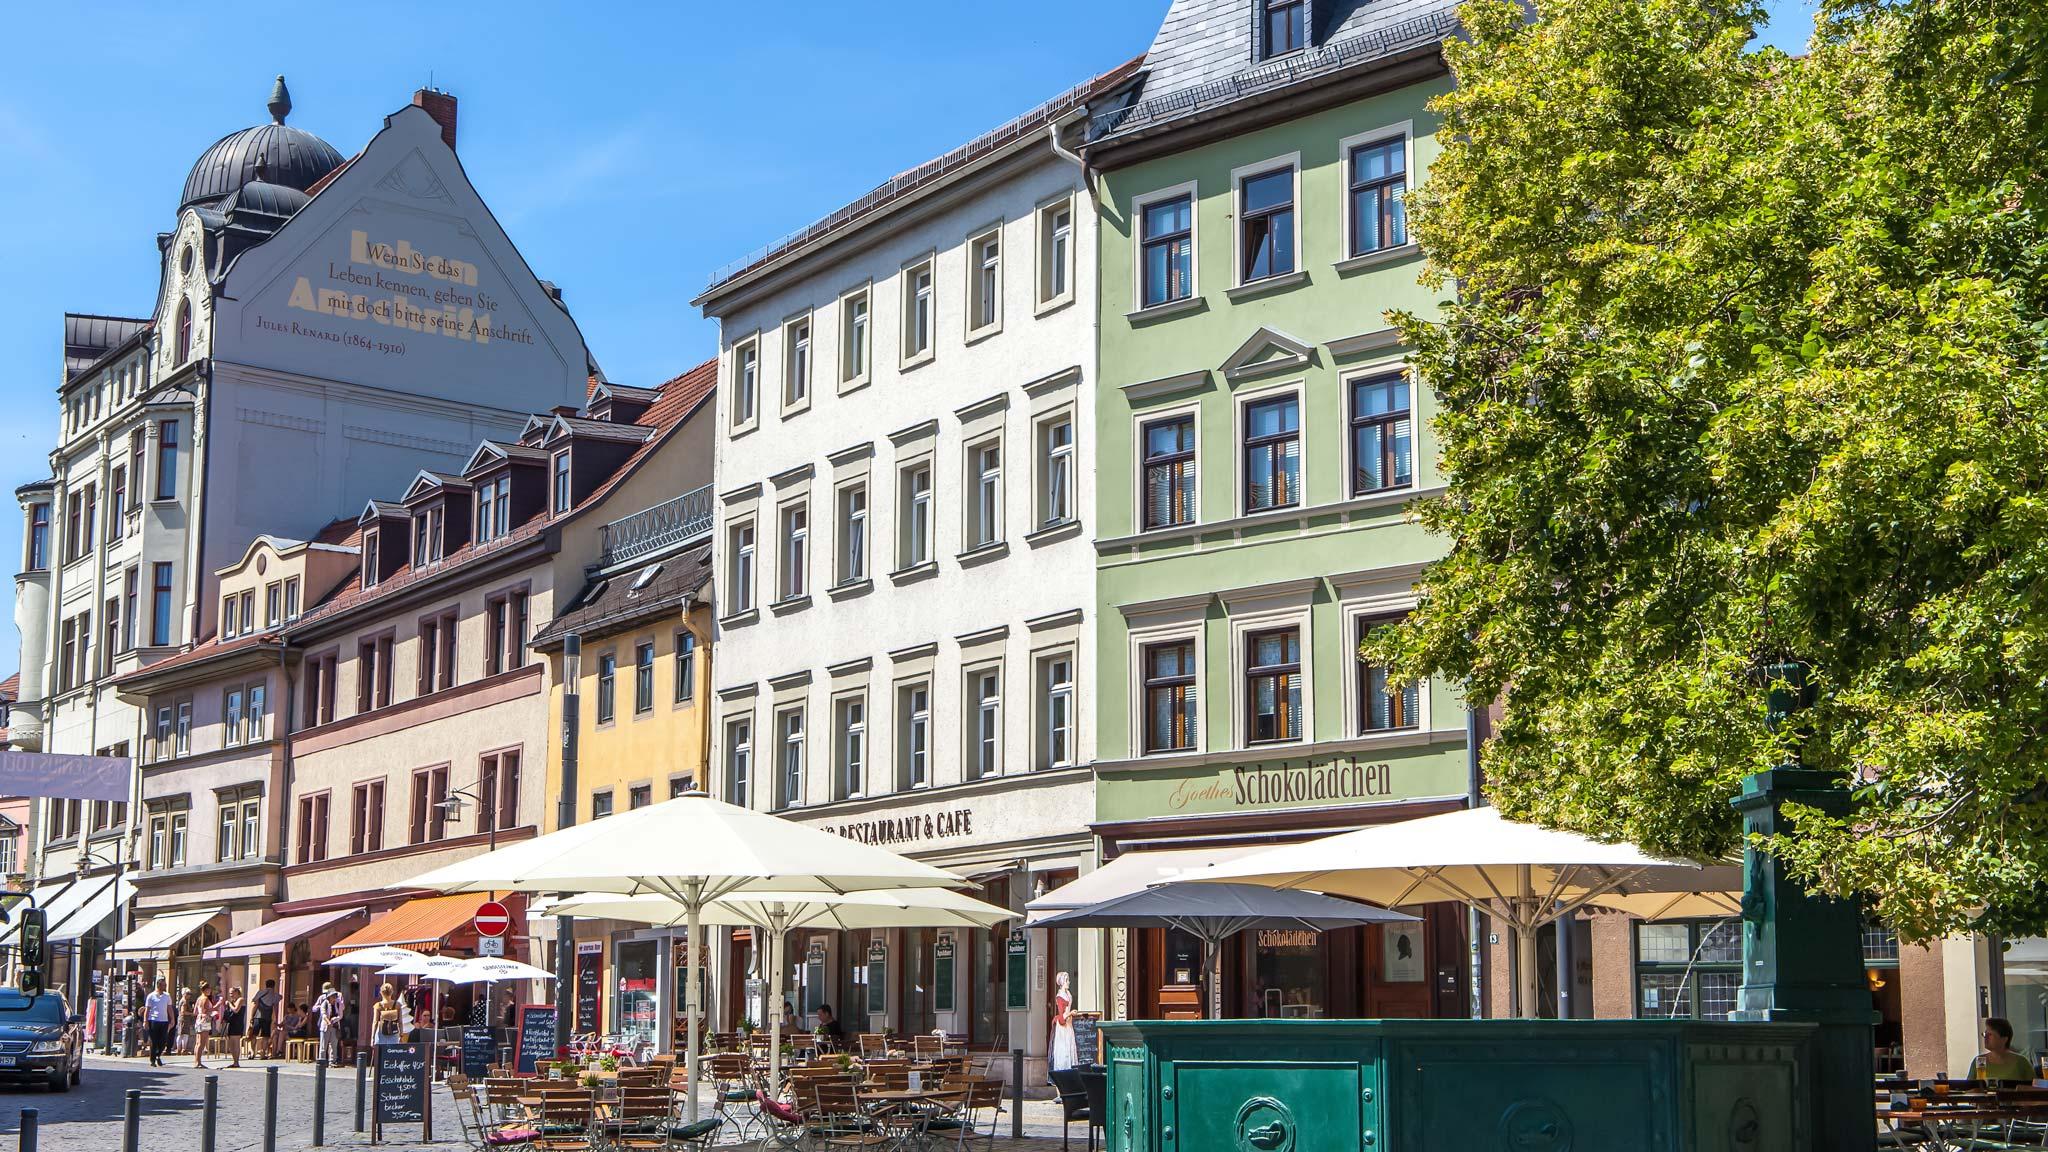 Weimar Thuringia